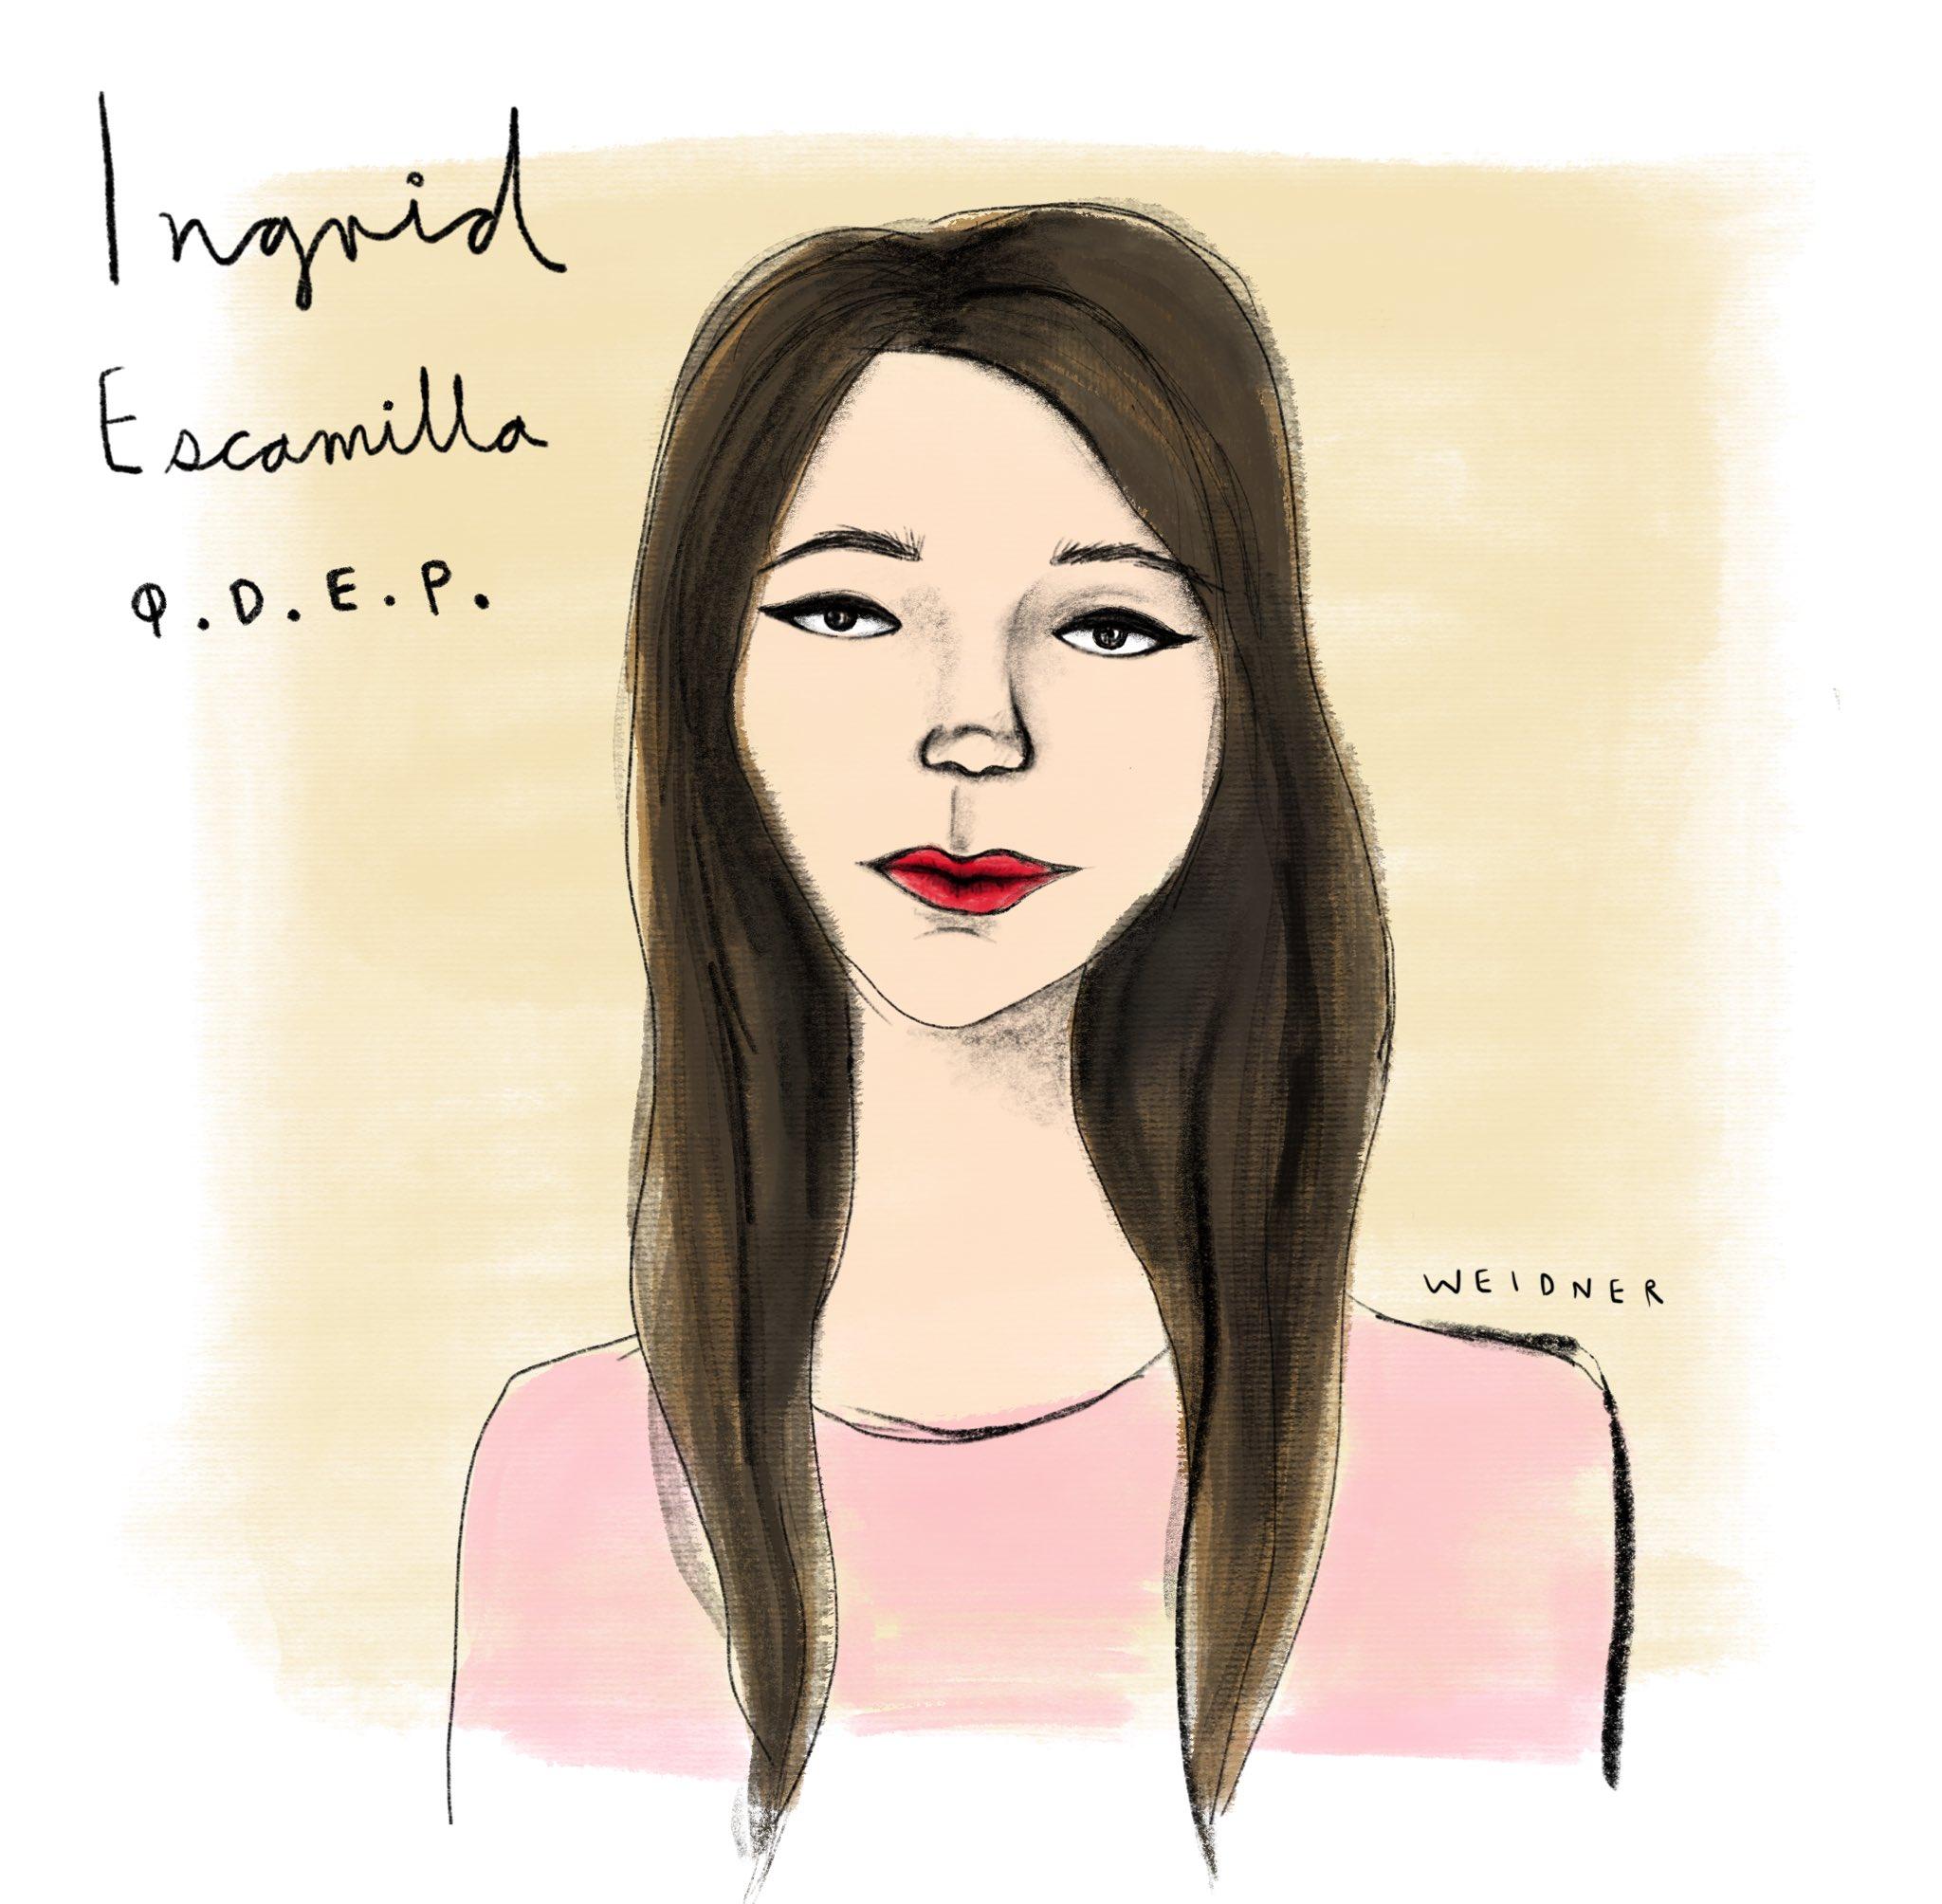 Ingrid Escamilla, feminicidio, activismo, feminismo, redes sociales, Twitter, contra discurso